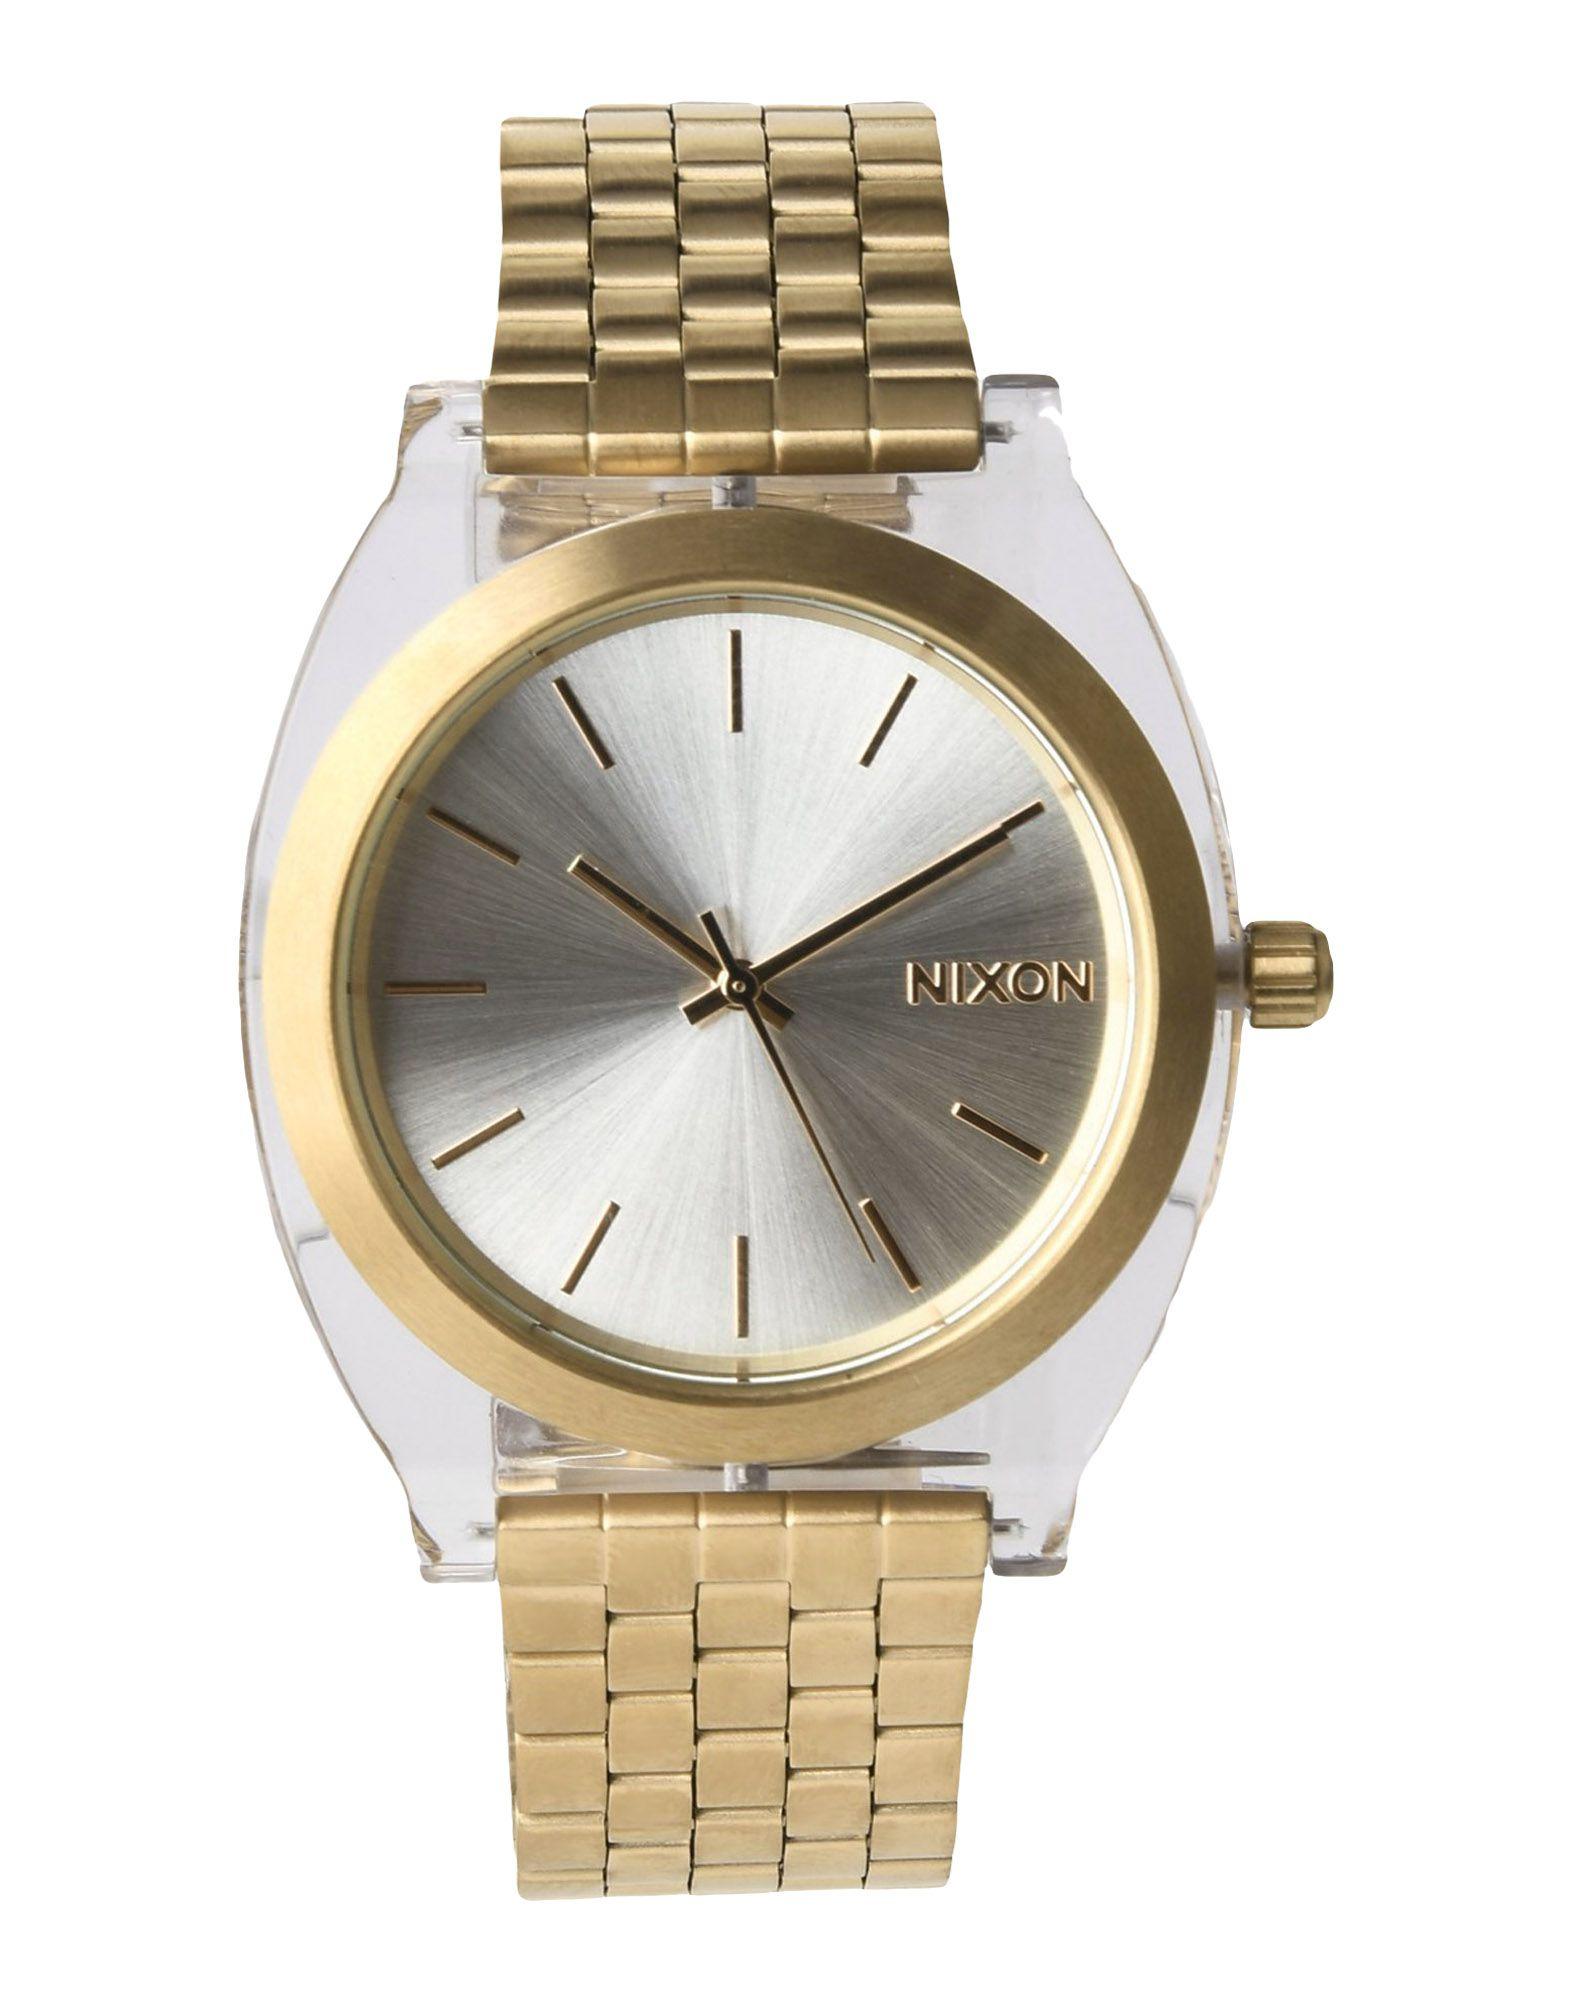 NIXON Наручные часы nixon часы nixon a934 2042 коллекция minx